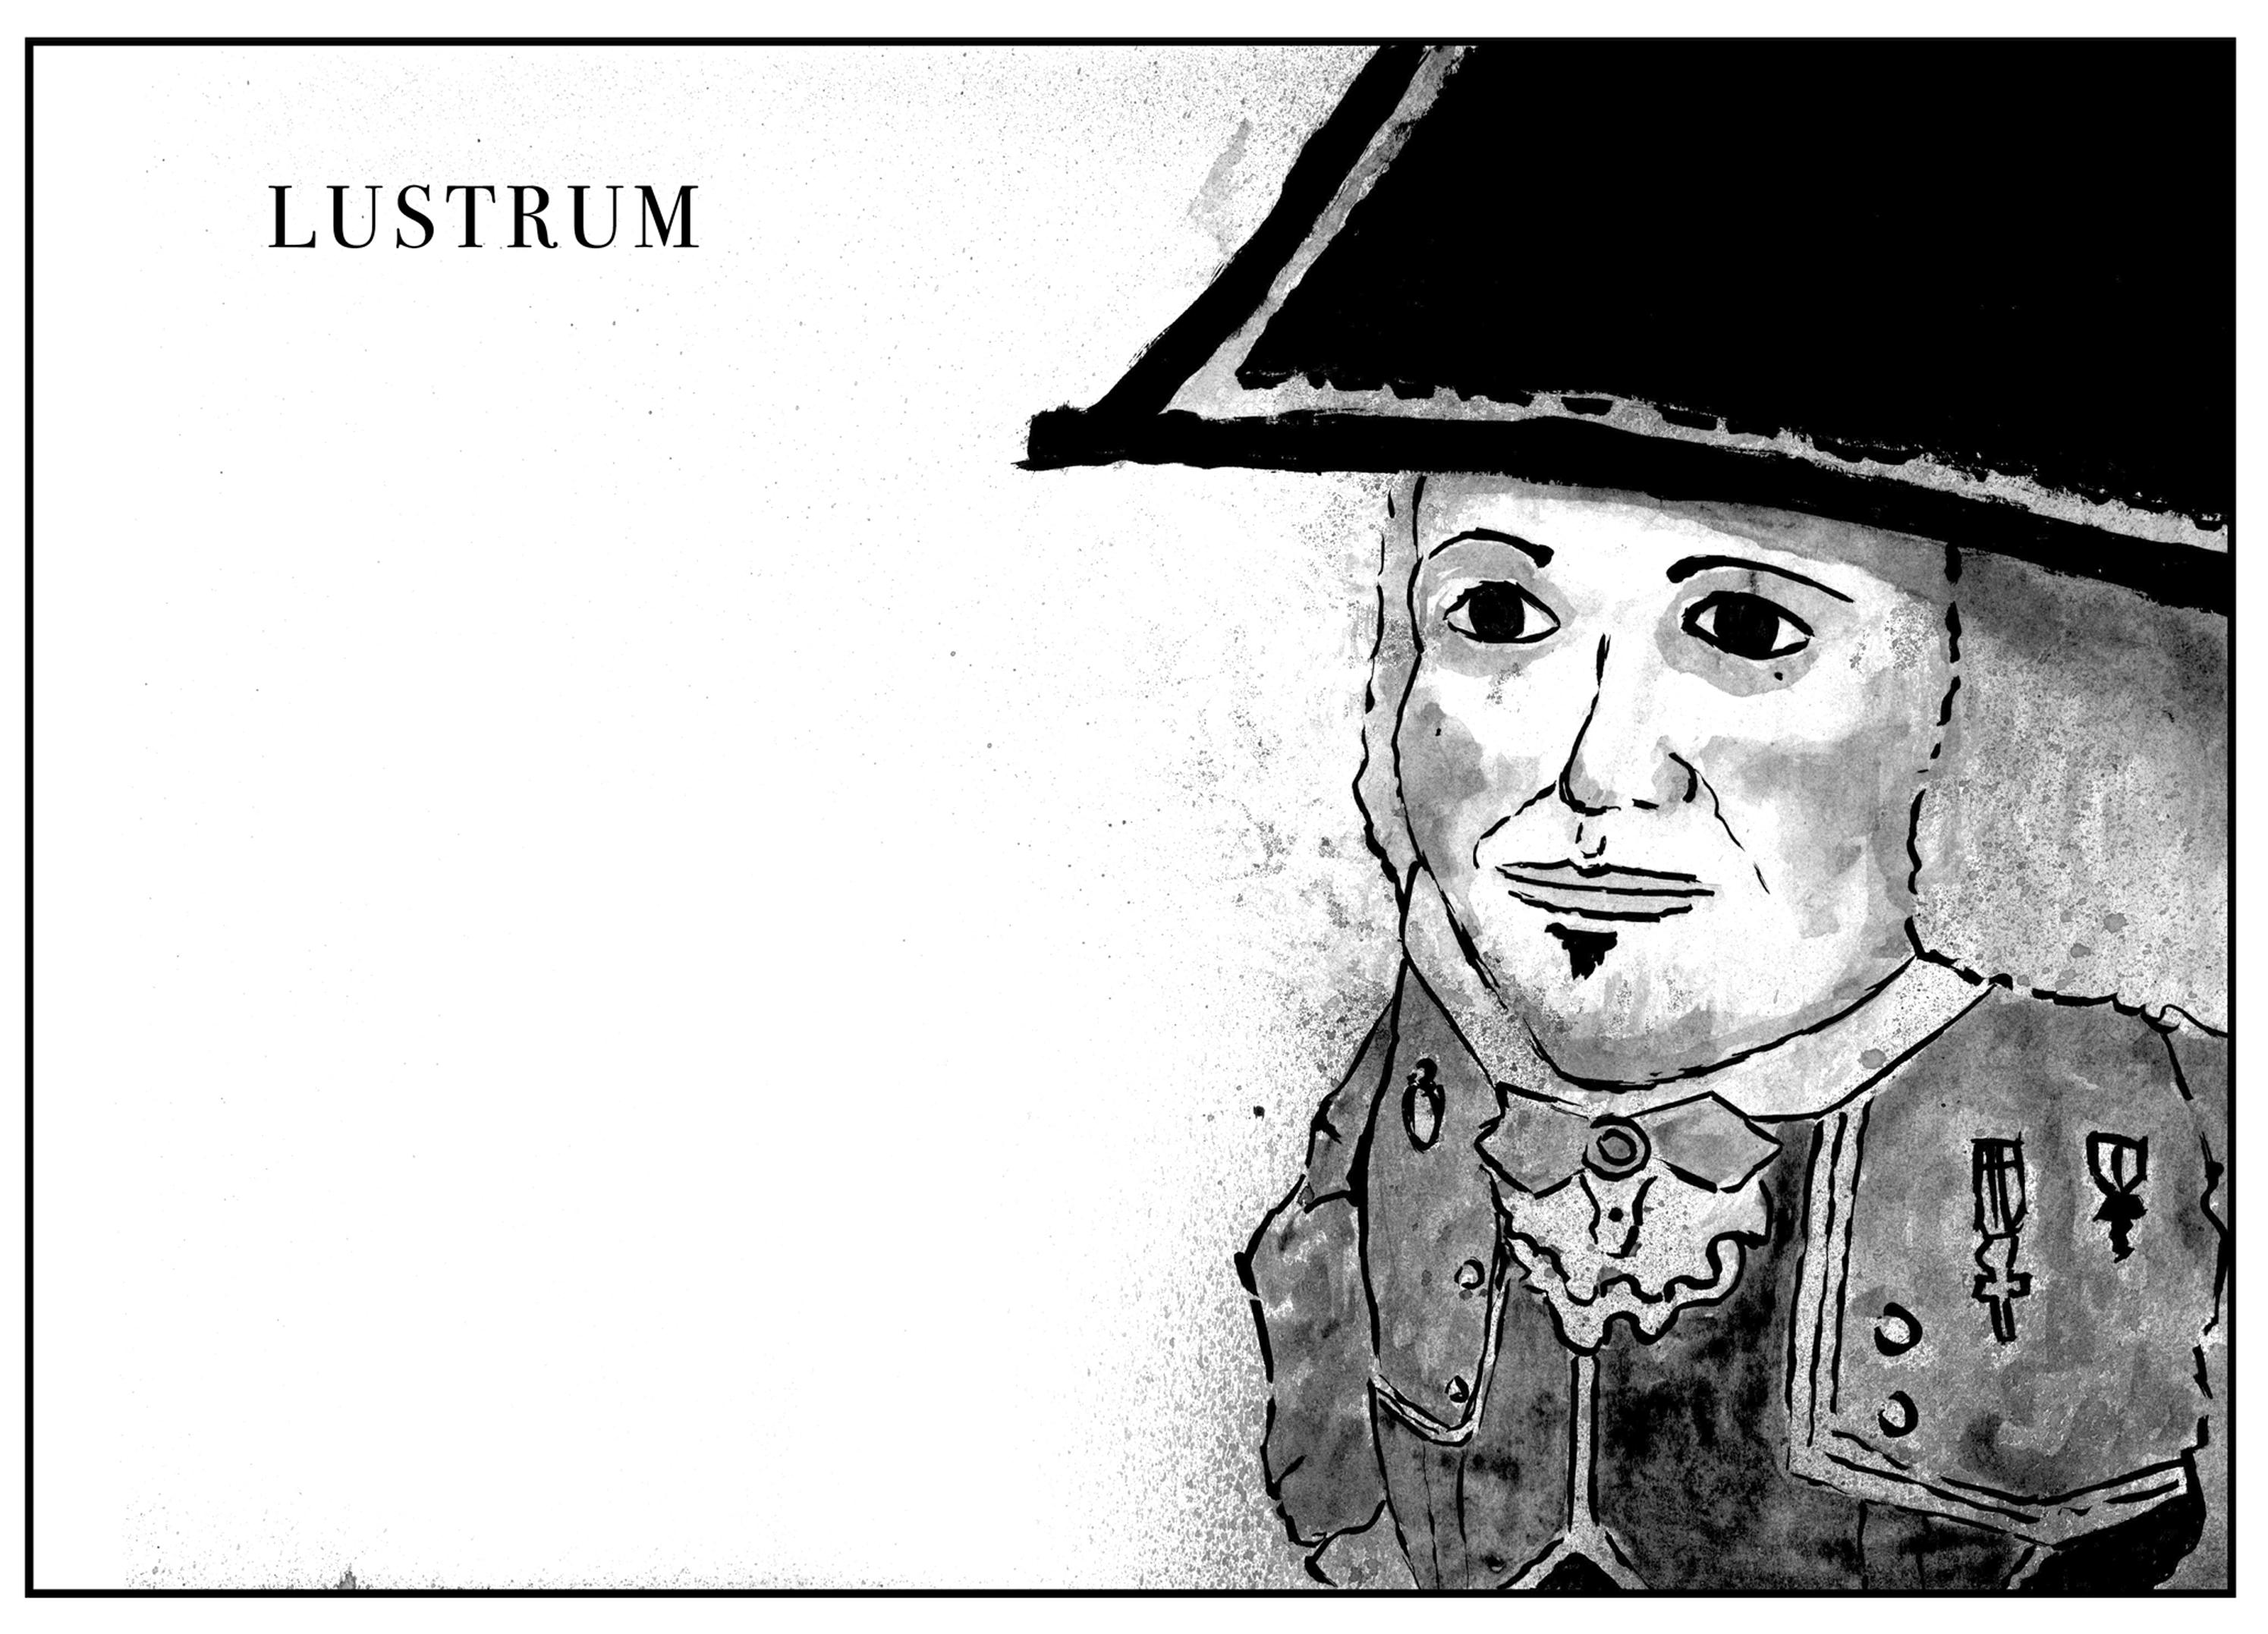 ILUSTRACIÓN LUSTRUM